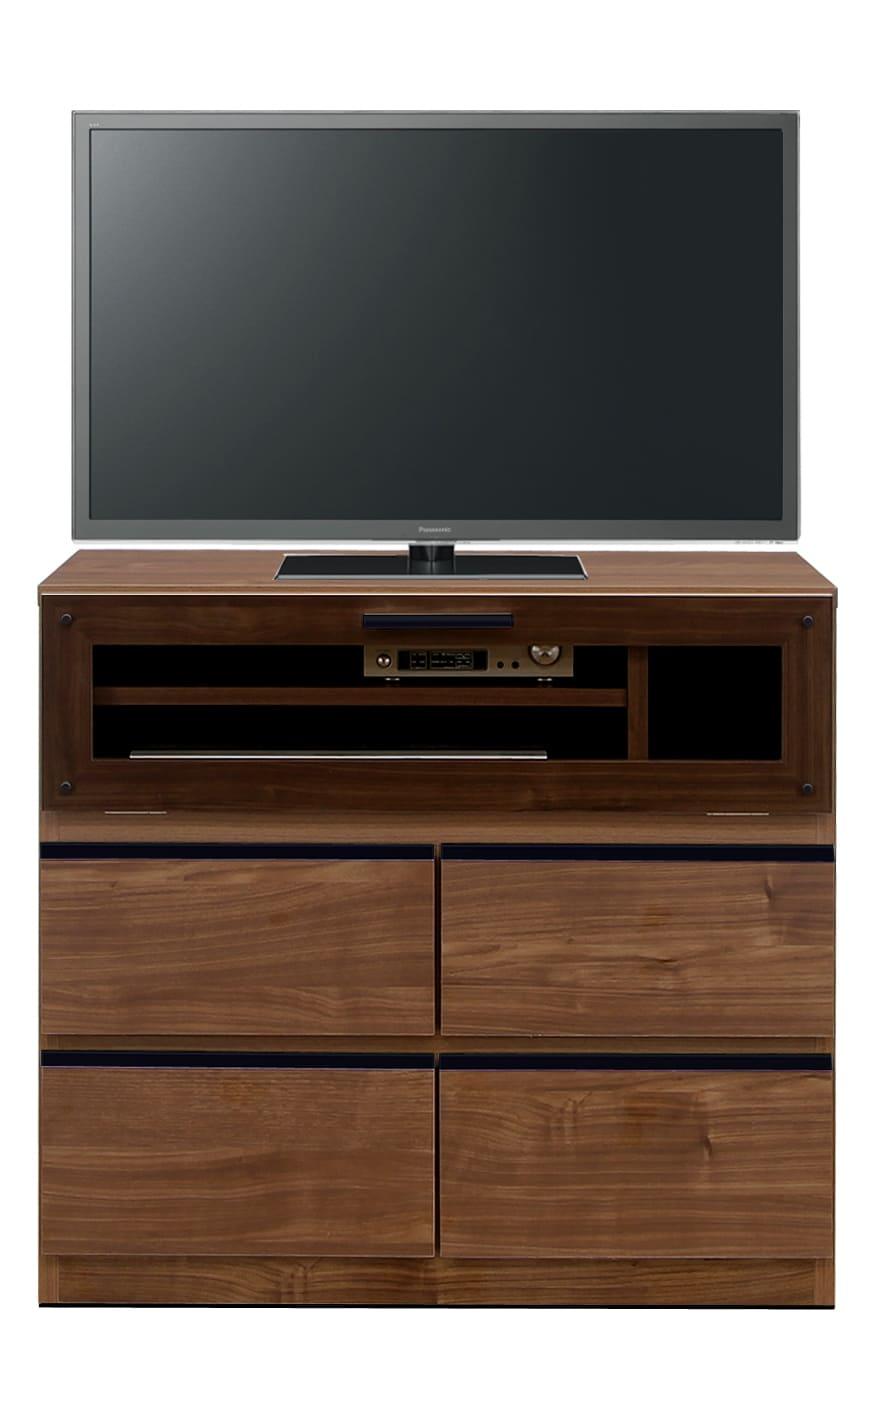 【ネット限定】LDボード リル80AV(BR):少し背の高いTVボード